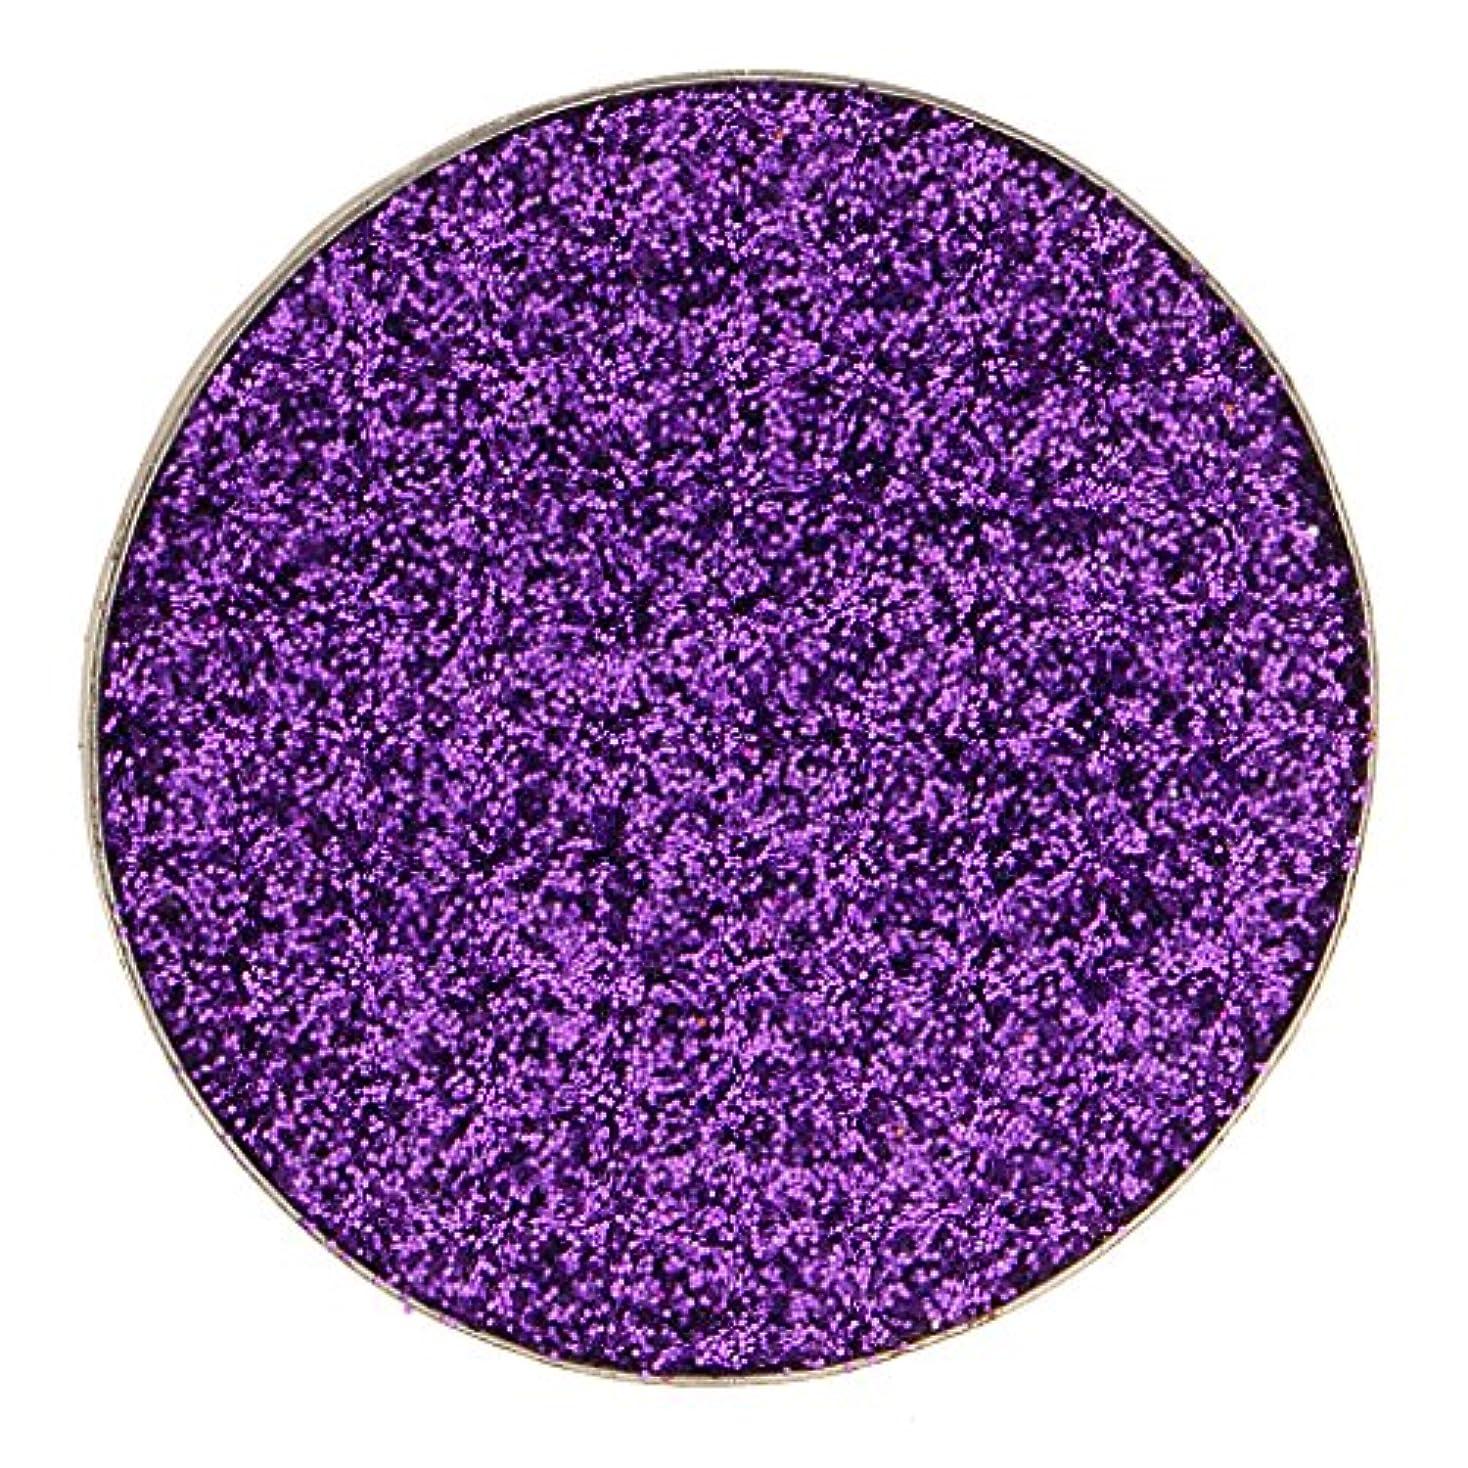 一般的なリーンこねるKesoto ダイヤモンド キラキラ シマー メイクアップ アイシャドウ 顔料 長持ち 滑らか 全5色 - 紫